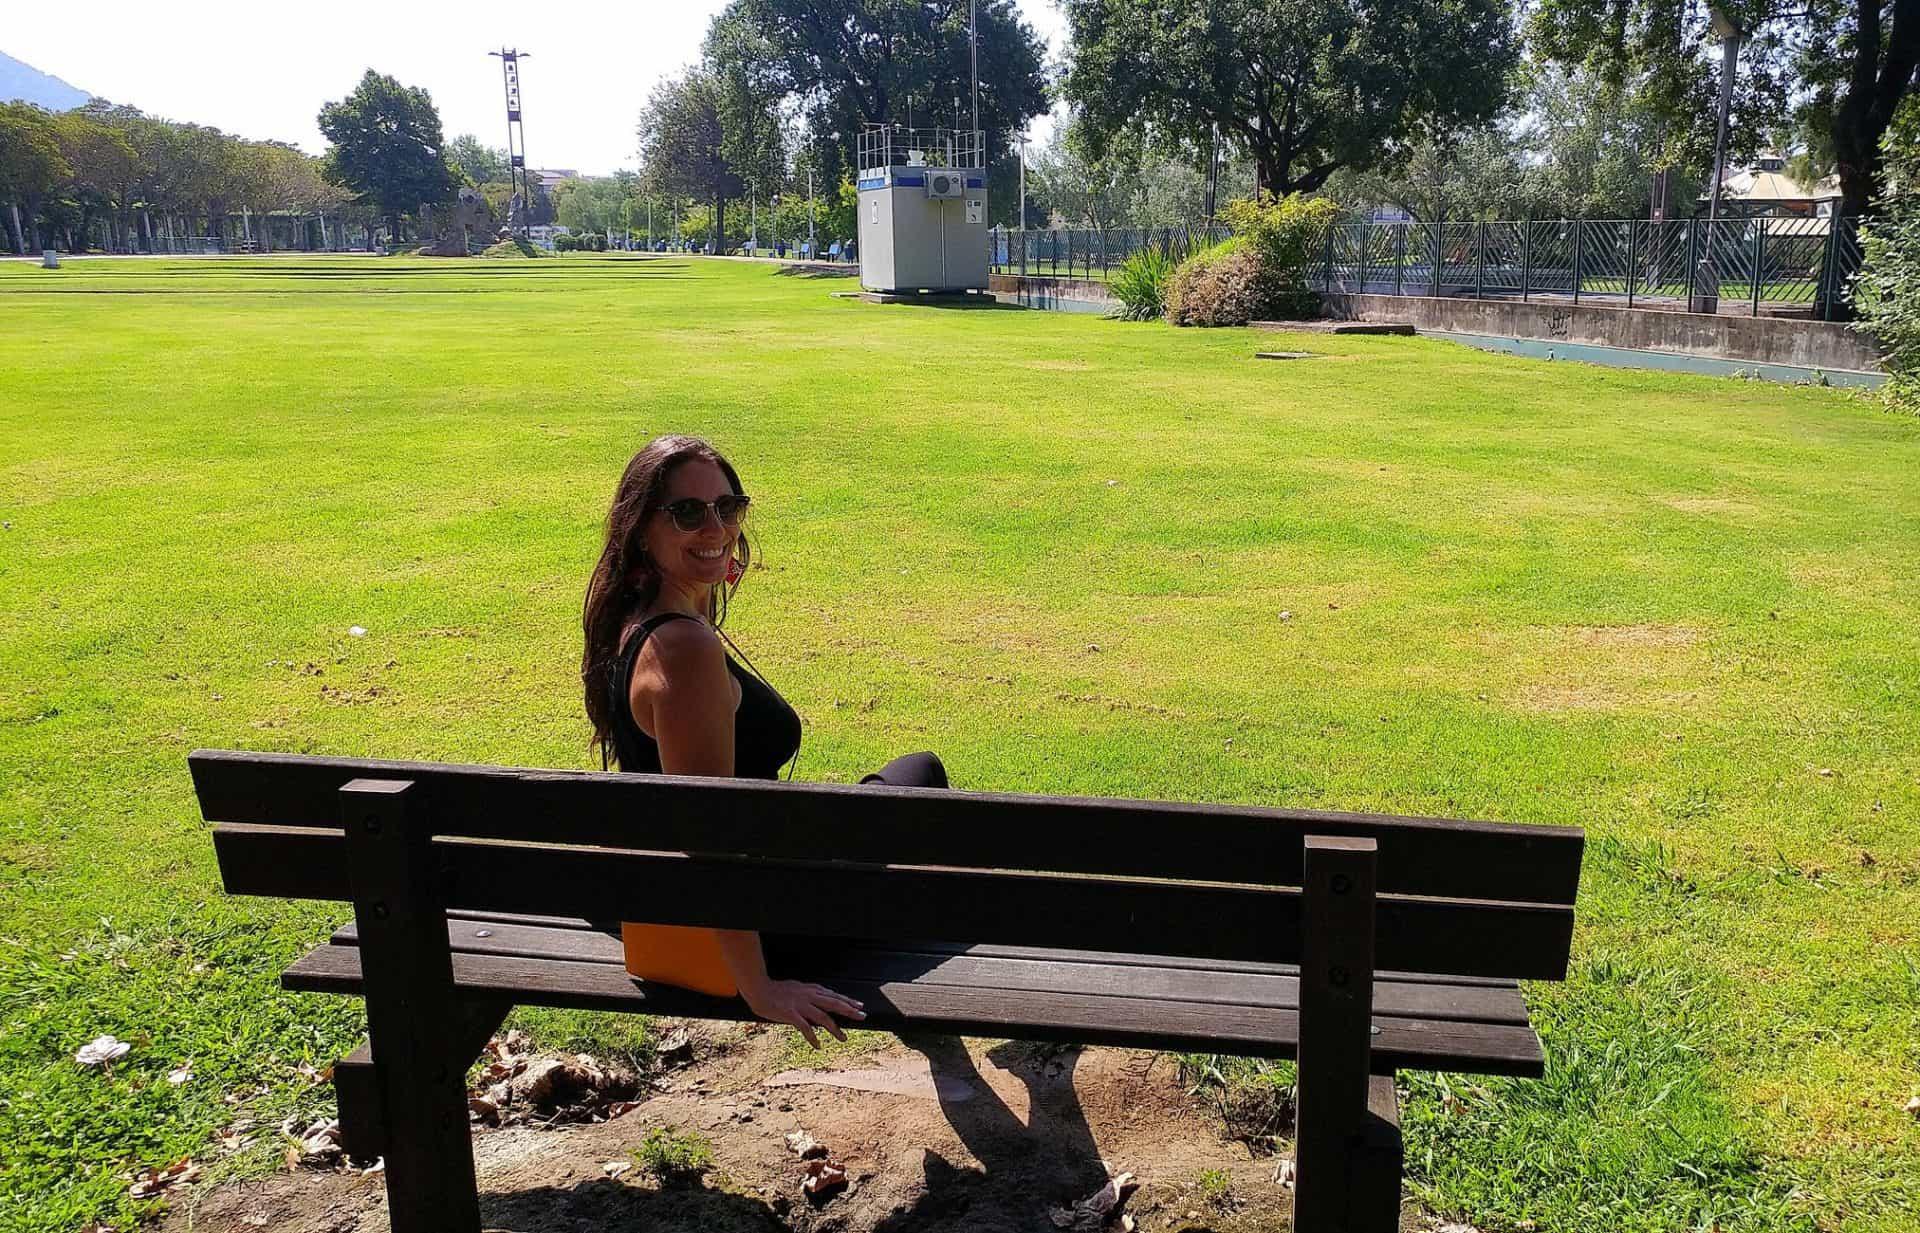 Parco Mercatello di Salerno: la rinascita di uno dei parchi urbani più grandi d'Italia